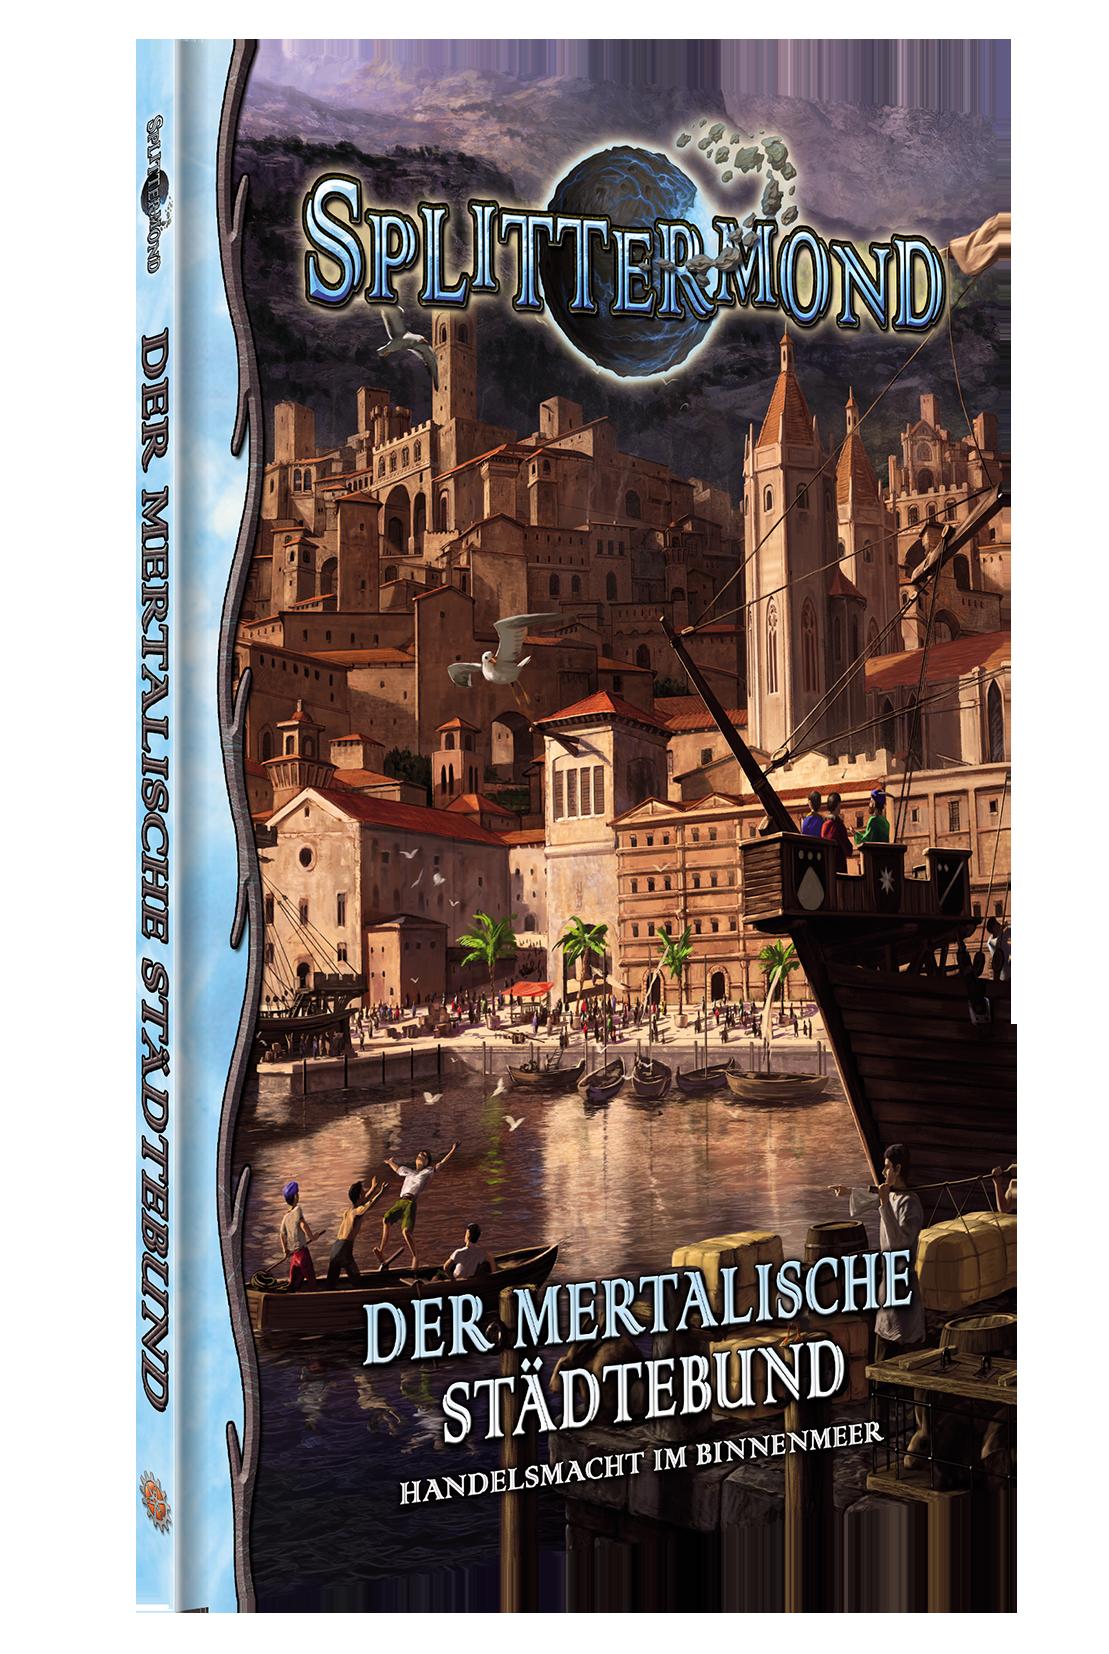 Jetzt vorbestellbar: Der Mertalische Städtebund